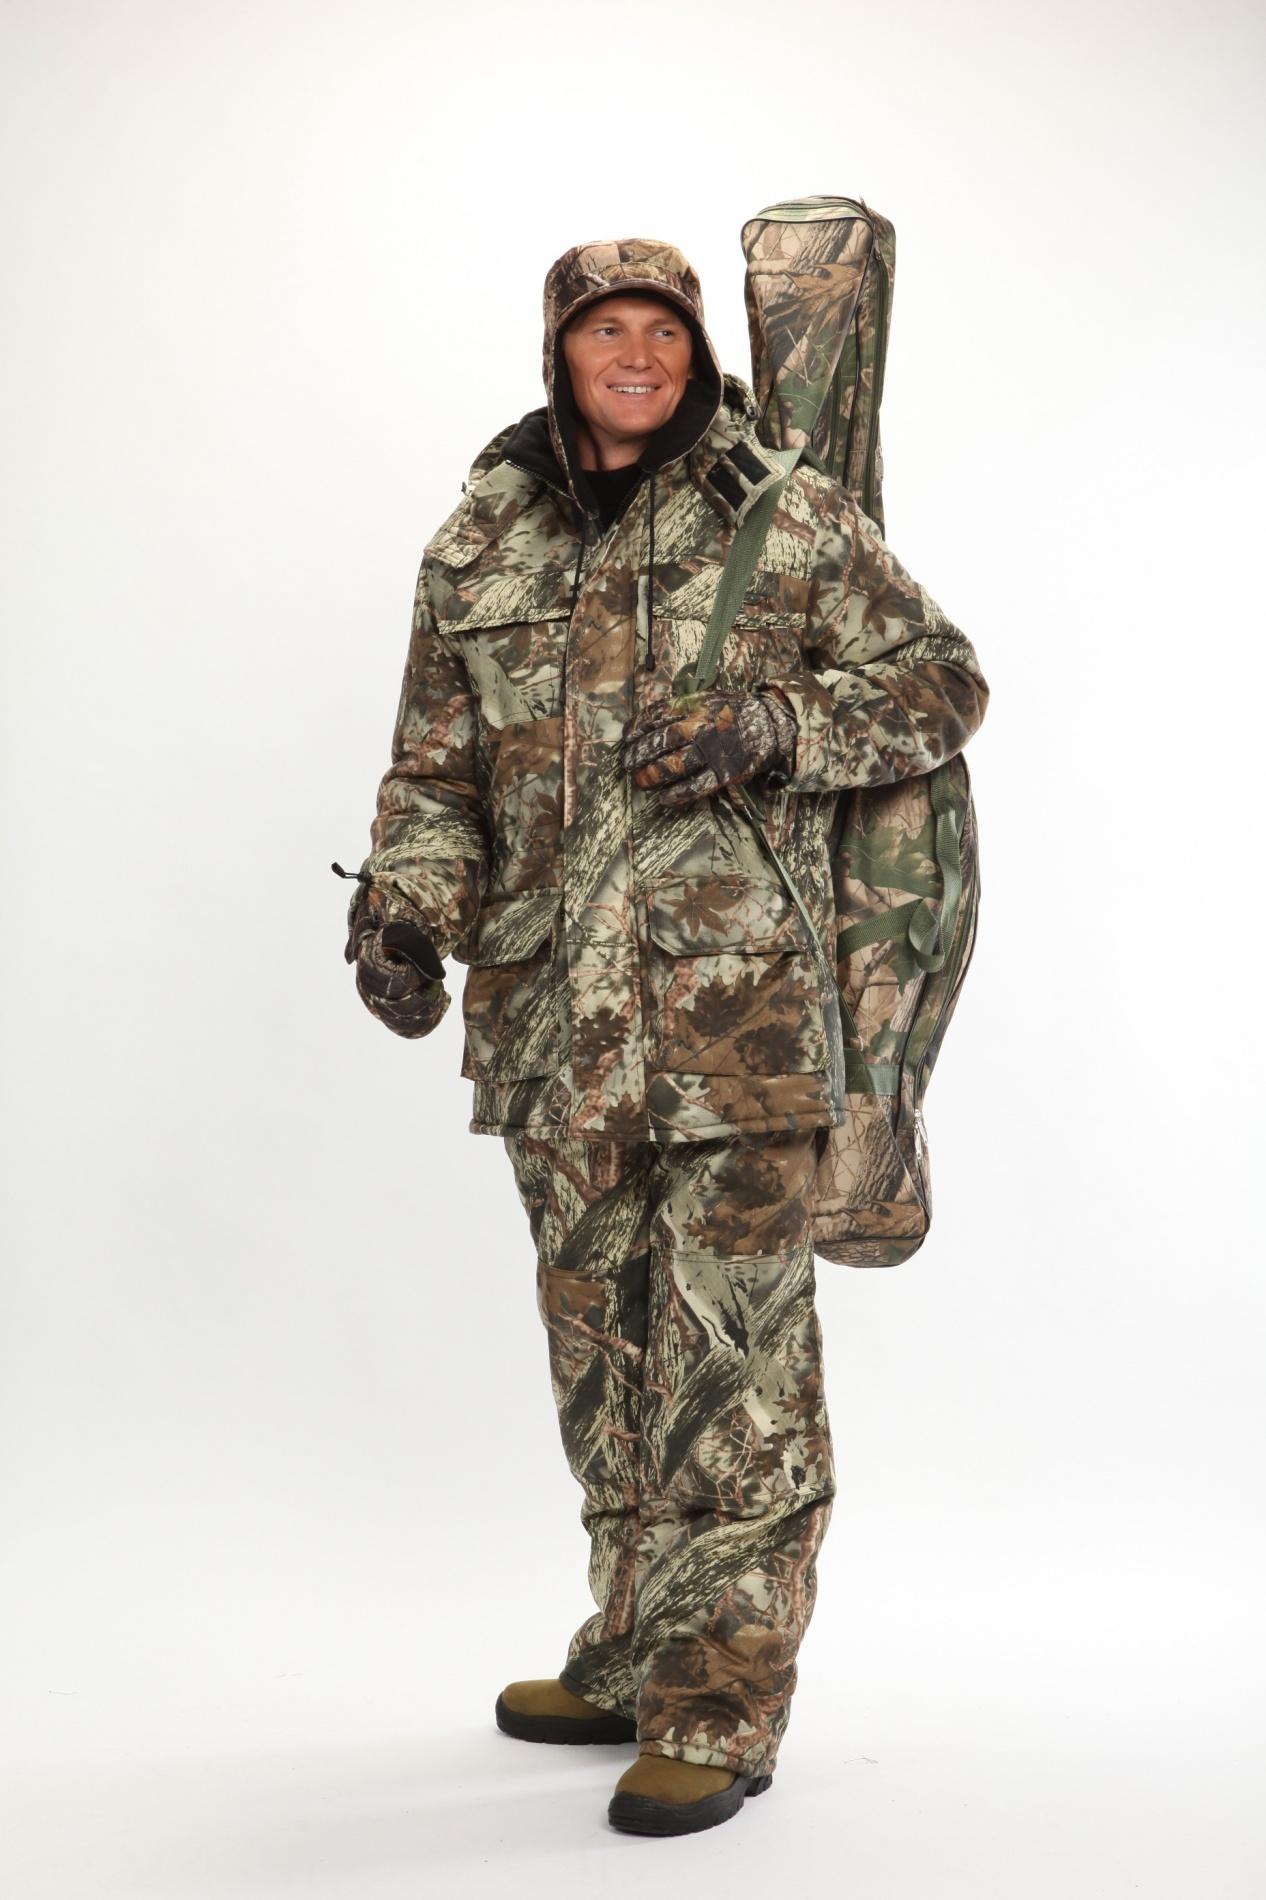 Костюм мужской Вепрь зимний кмф алова Костюмы утепленные<br>Камуфлированный универсальный костюм <br>для охоты, рыбалки и активного отдыха при <br>низких температурах. Состоит из удлиненной <br>куртки и полукомбинезона. Куртка: • Центральная <br>застежка на молнии с ветрозащитной планкой <br>на кнопках. • Отстегивающийся и регулируемый <br>капюшон. • Регулируемая кулиса по линии <br>талии. • Нижние и верхние многофункциональные <br>накладные карманы с клапанами на контактной <br>ленте и на молнии. • Усиление в области <br>локтей. • Трикотажные манжеты по низу рукавов. <br>Полукомбинезон: • Высокая грудка и спинка. <br>• Центральная застежка на молнию. • Талия <br>регулируется эластичной лентой. • Регулируемые <br>бретели, • Верхние боковые карманы<br><br>Пол: мужской<br>Сезон: зима<br>Цвет: серый<br>Материал: Алова 100% полиэстер